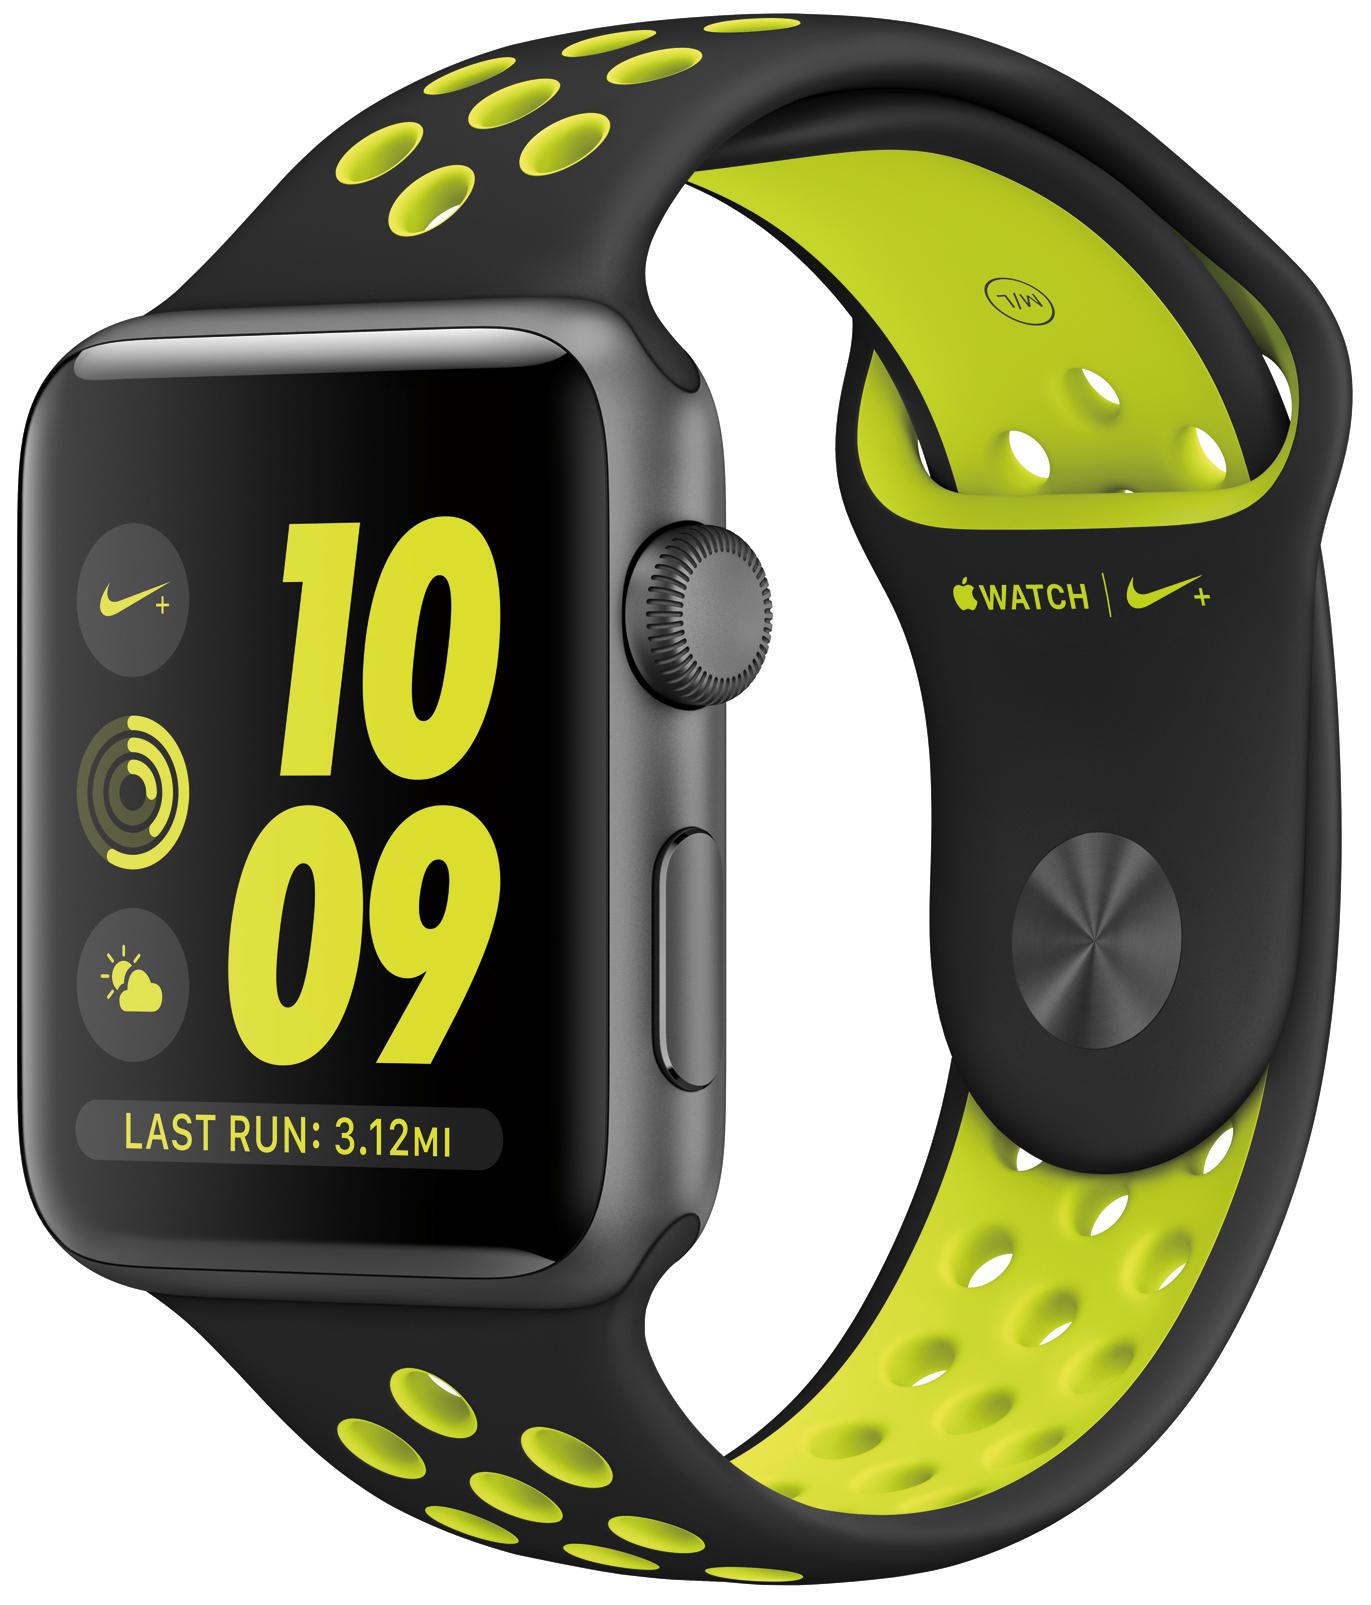 Offerta Apple Watch 2 Nike+ 42mm su TrovaUsati.it